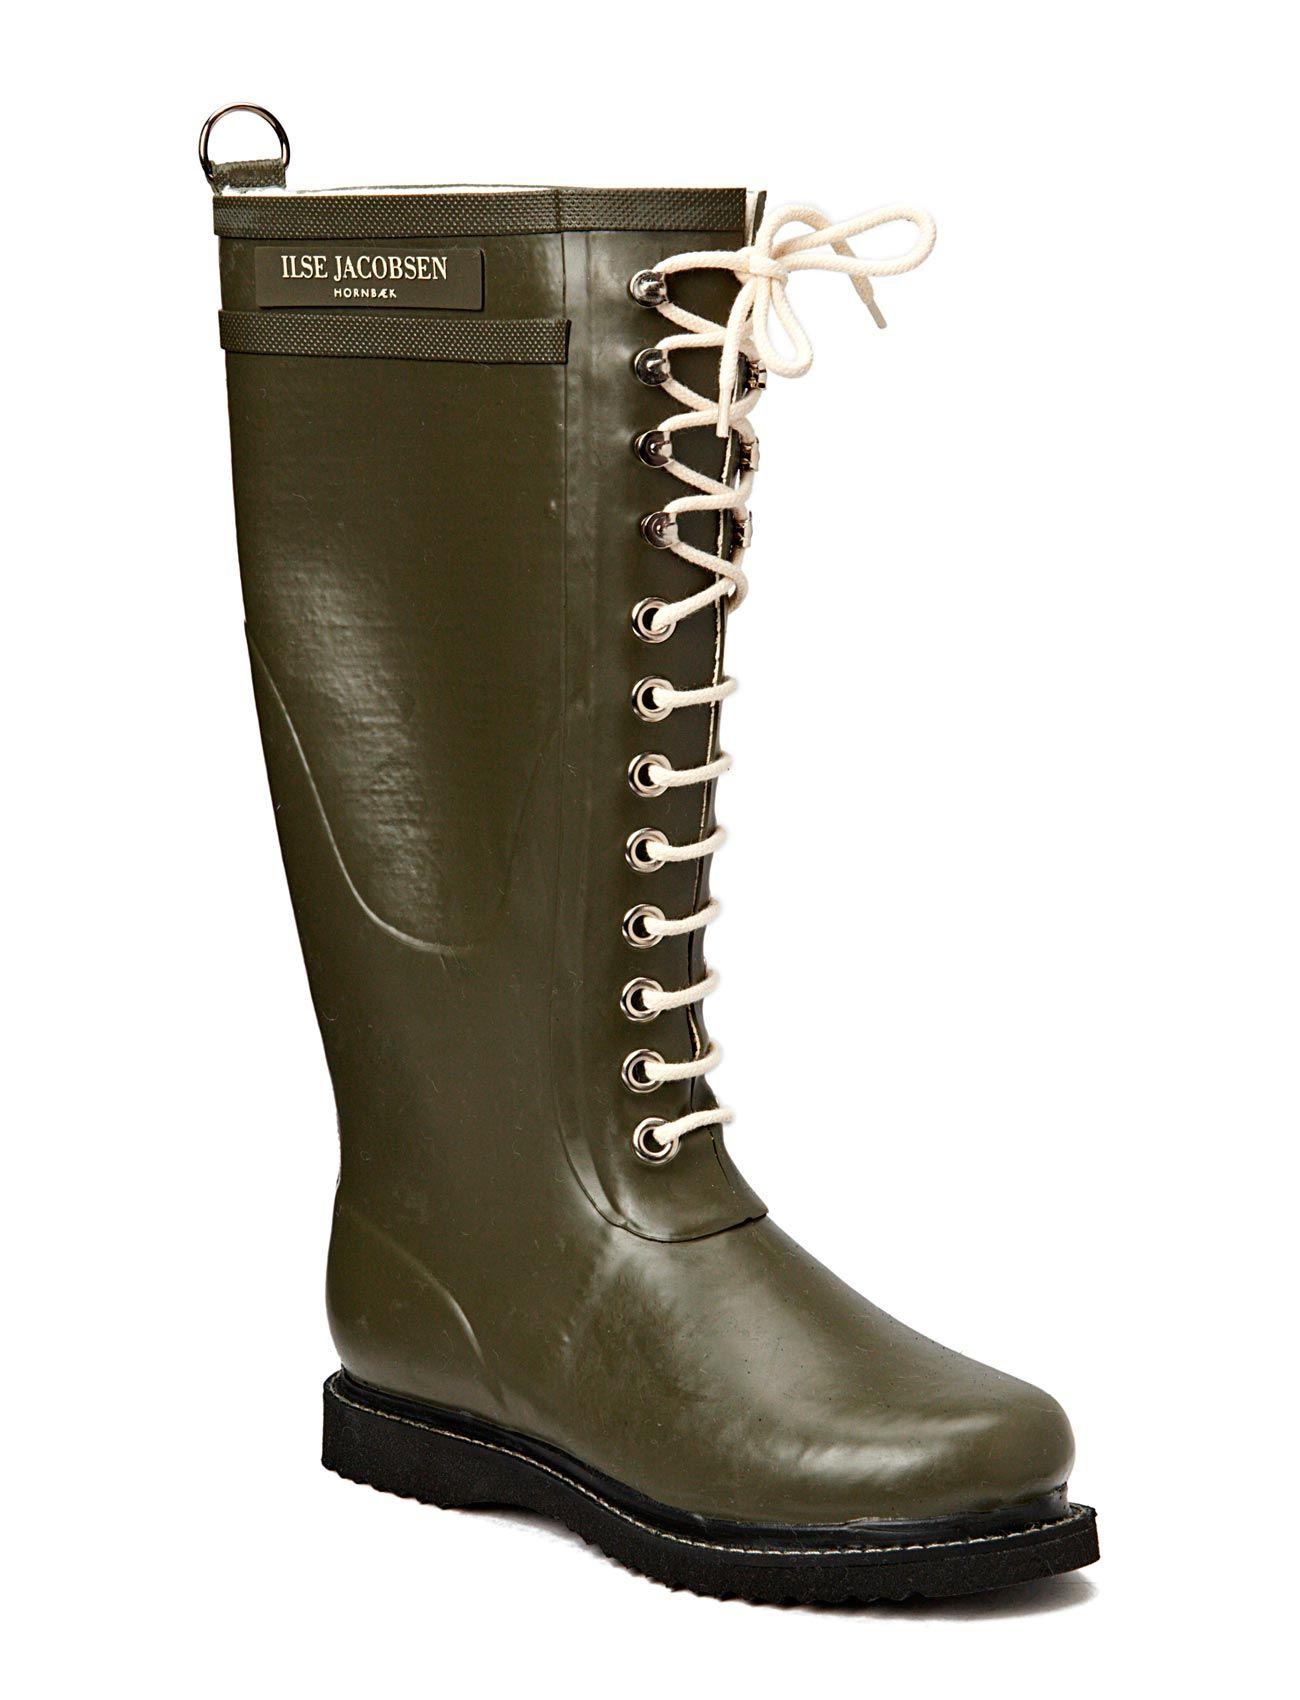 Rain Boot - Long, Classic With Laces Ilse Jacobsen Sko til Kvinder i